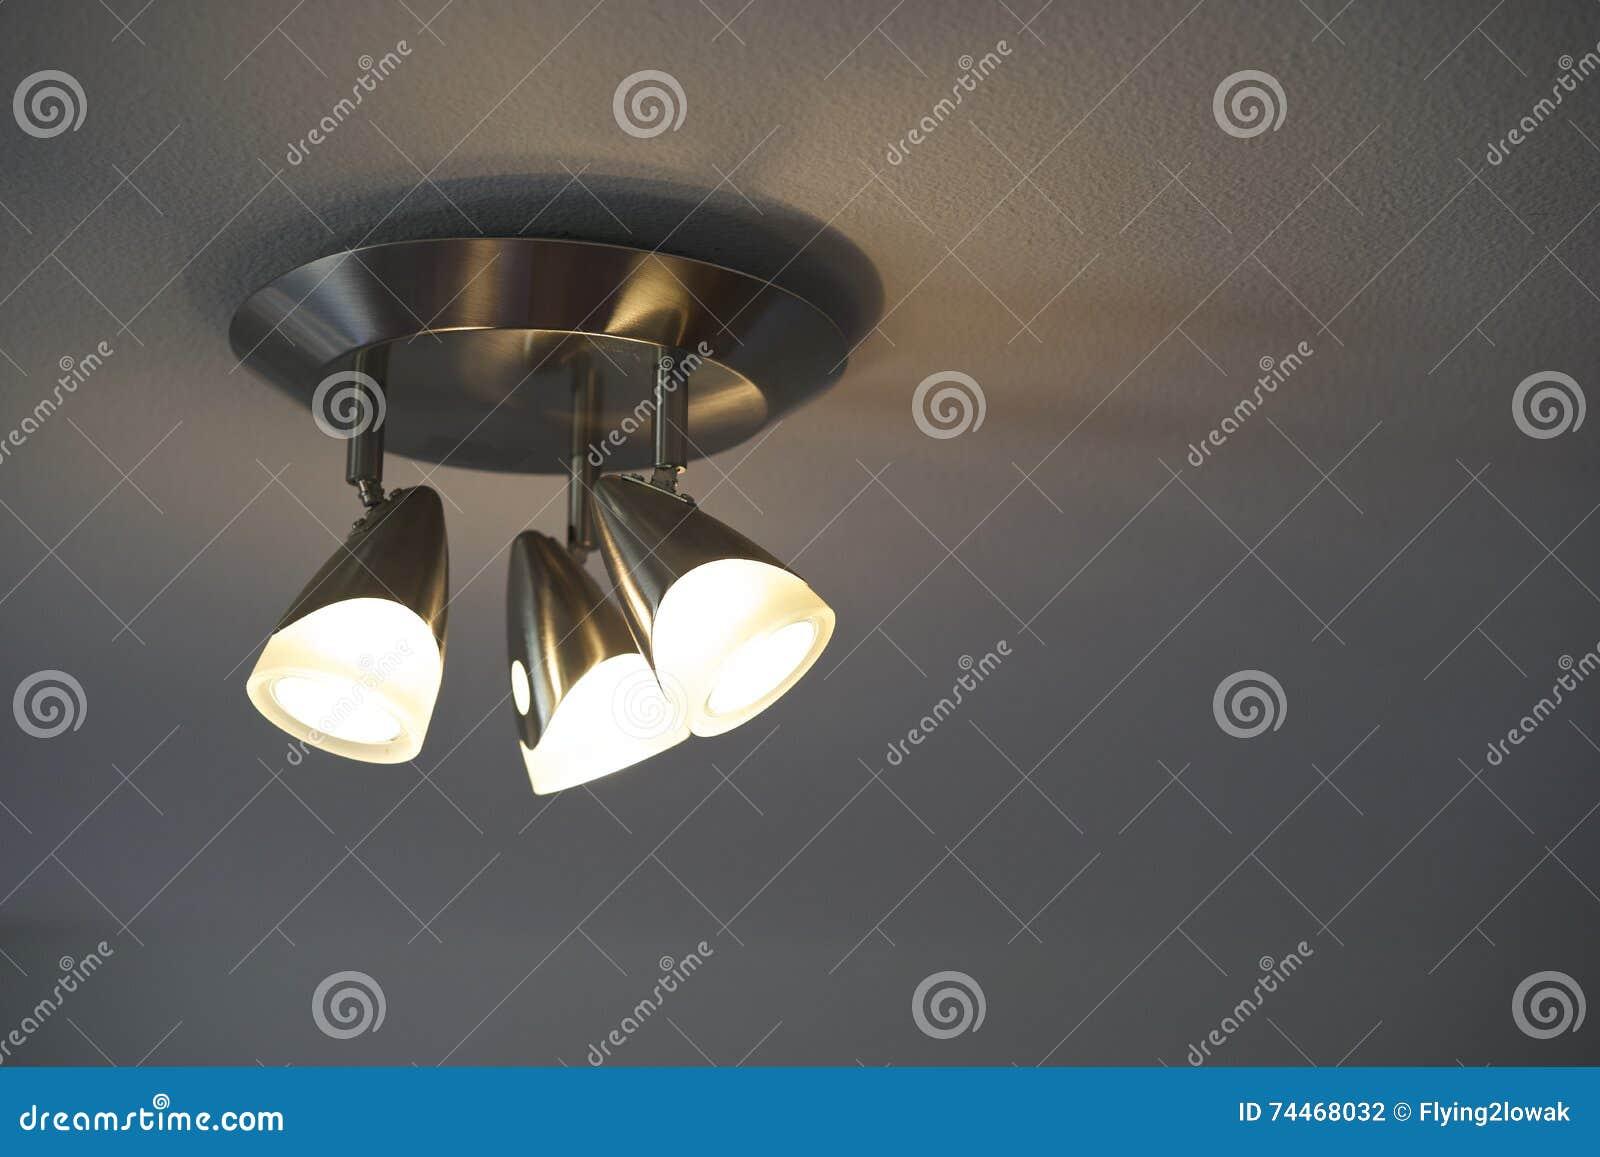 Plafoniere Con Lampadine : Dispositivo della plafoniera con le lampadine sopra fotografia